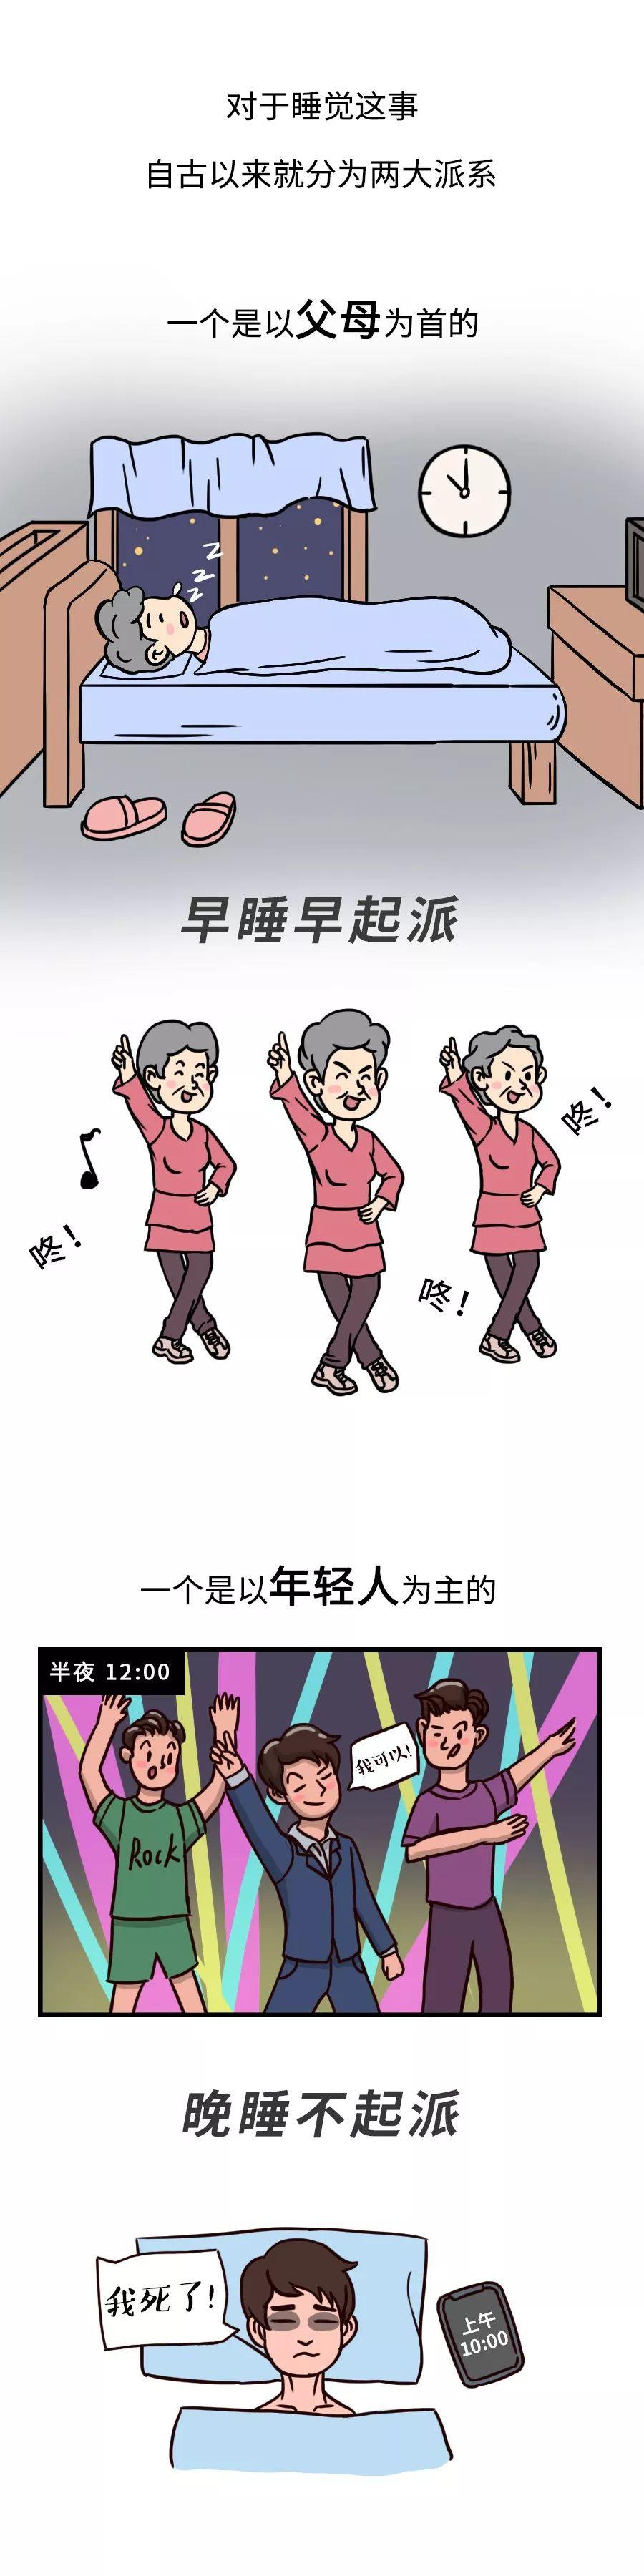 FM87.7 【荐读】到底几点睡才算熬夜啊啊啊啊?